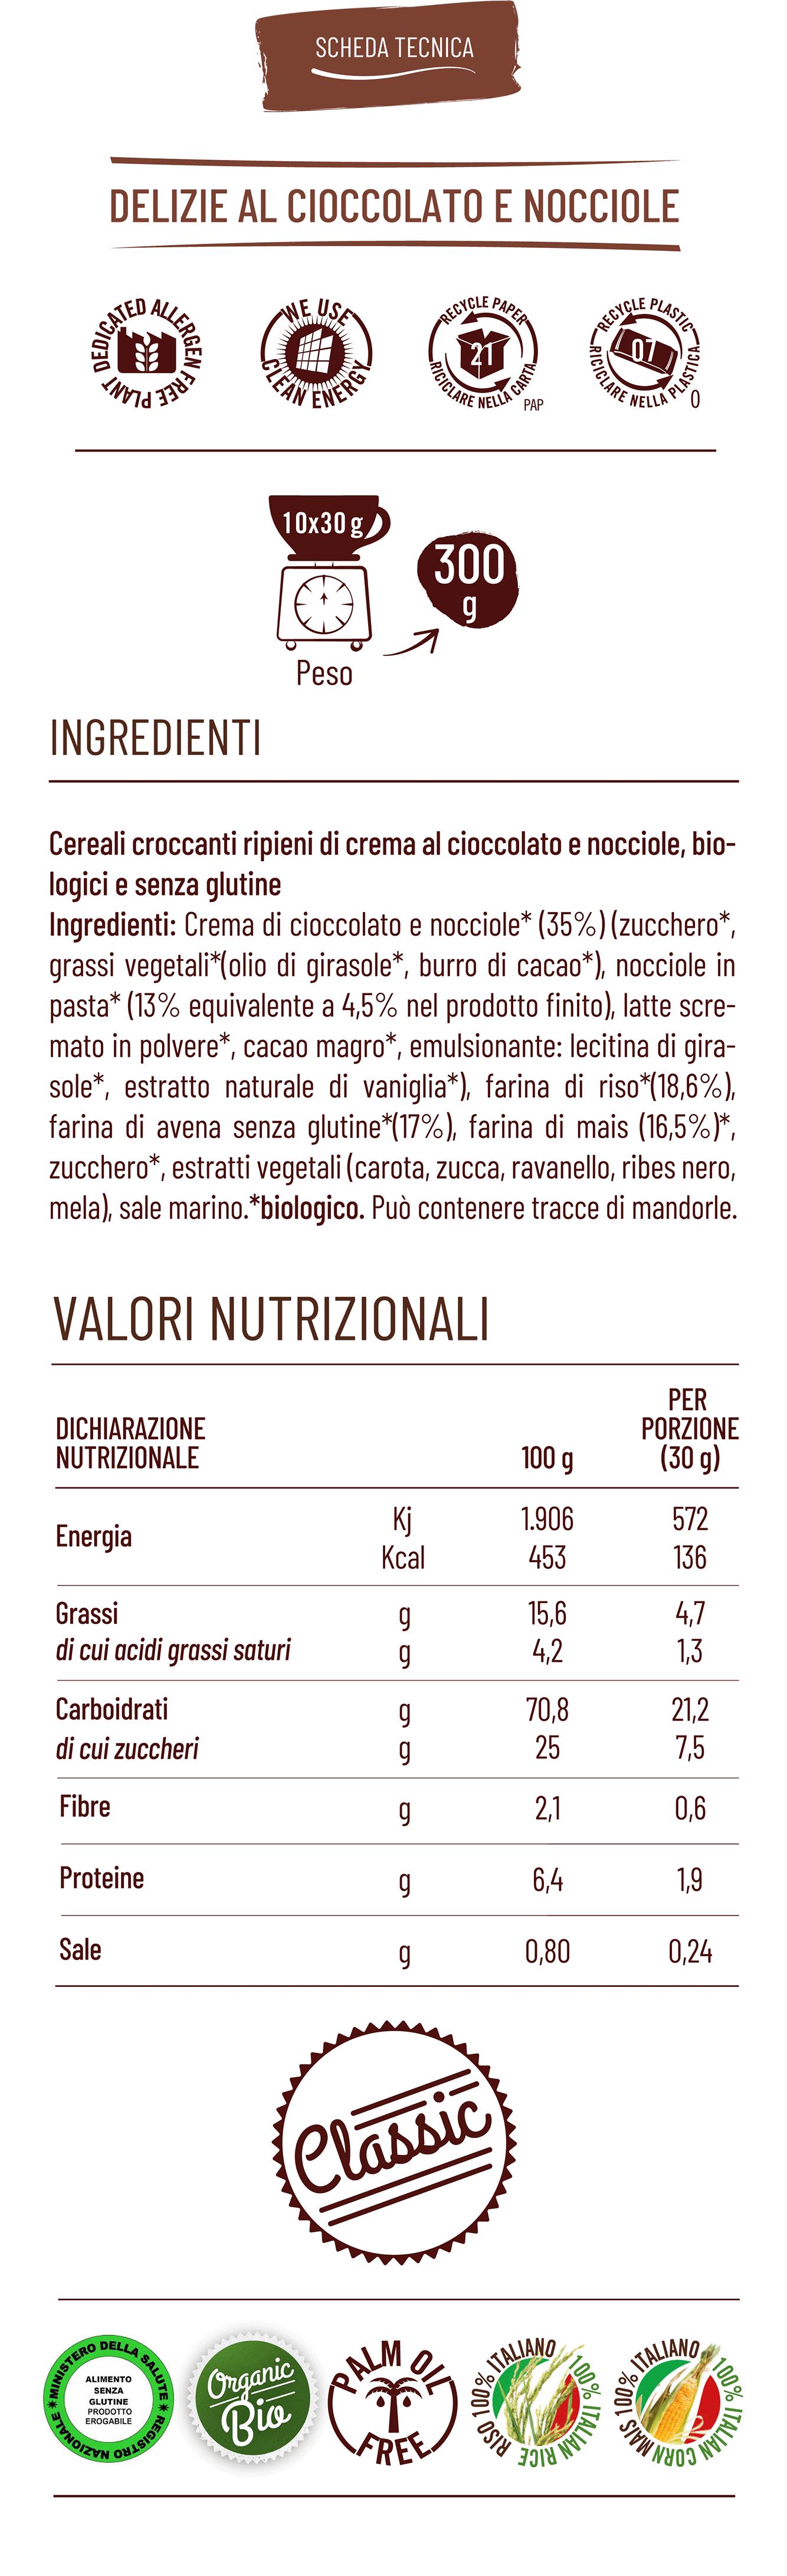 Vitabella delizie al cioccolato e nocciole